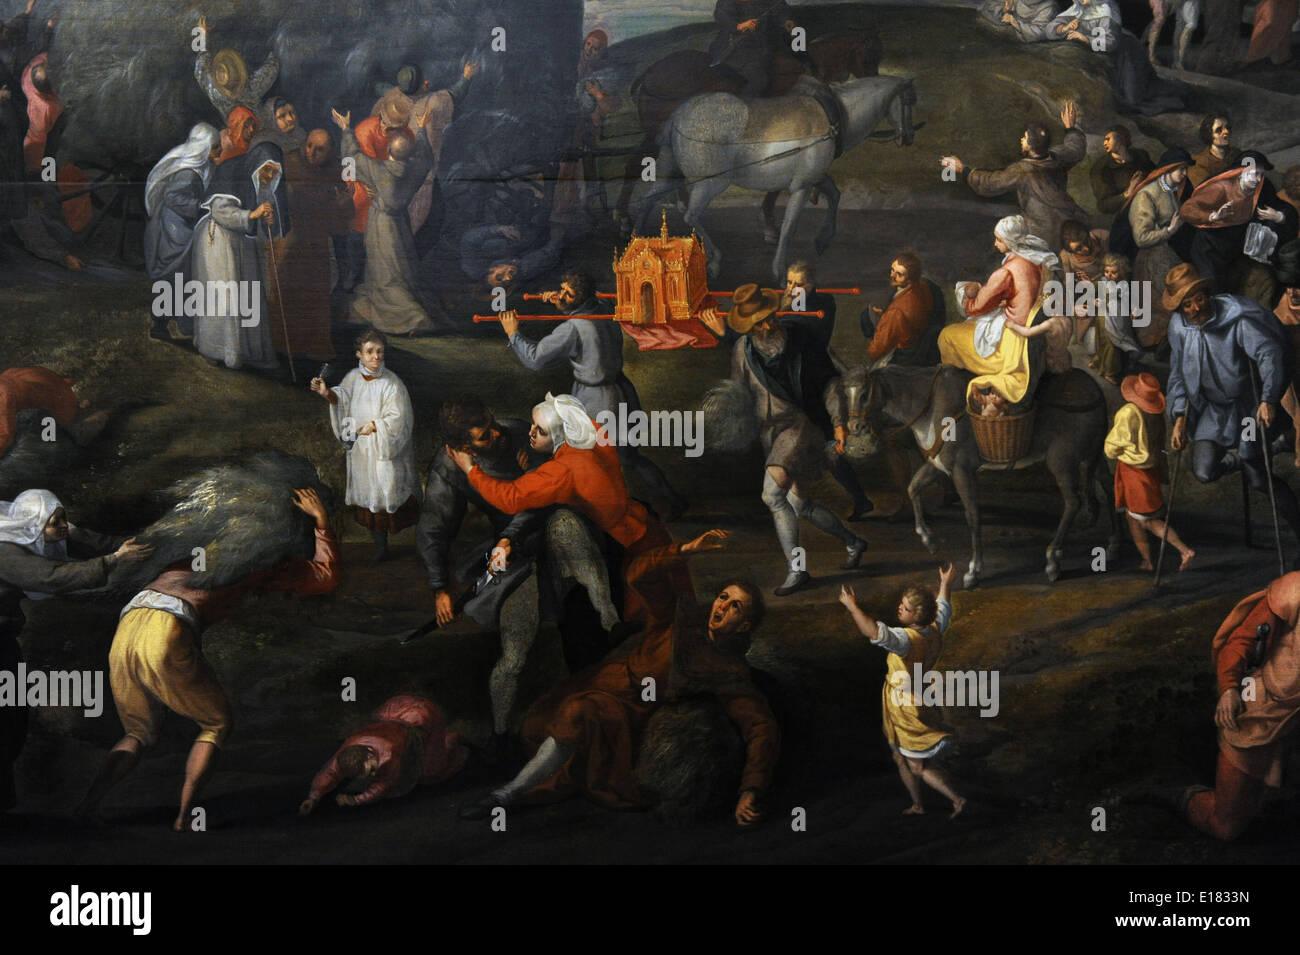 Renaissance. Haycart von Gillis Mostaert (1528-1598). Um 1575. Museum Catharijneconvent. Utrecht. Niederlande. Stockbild